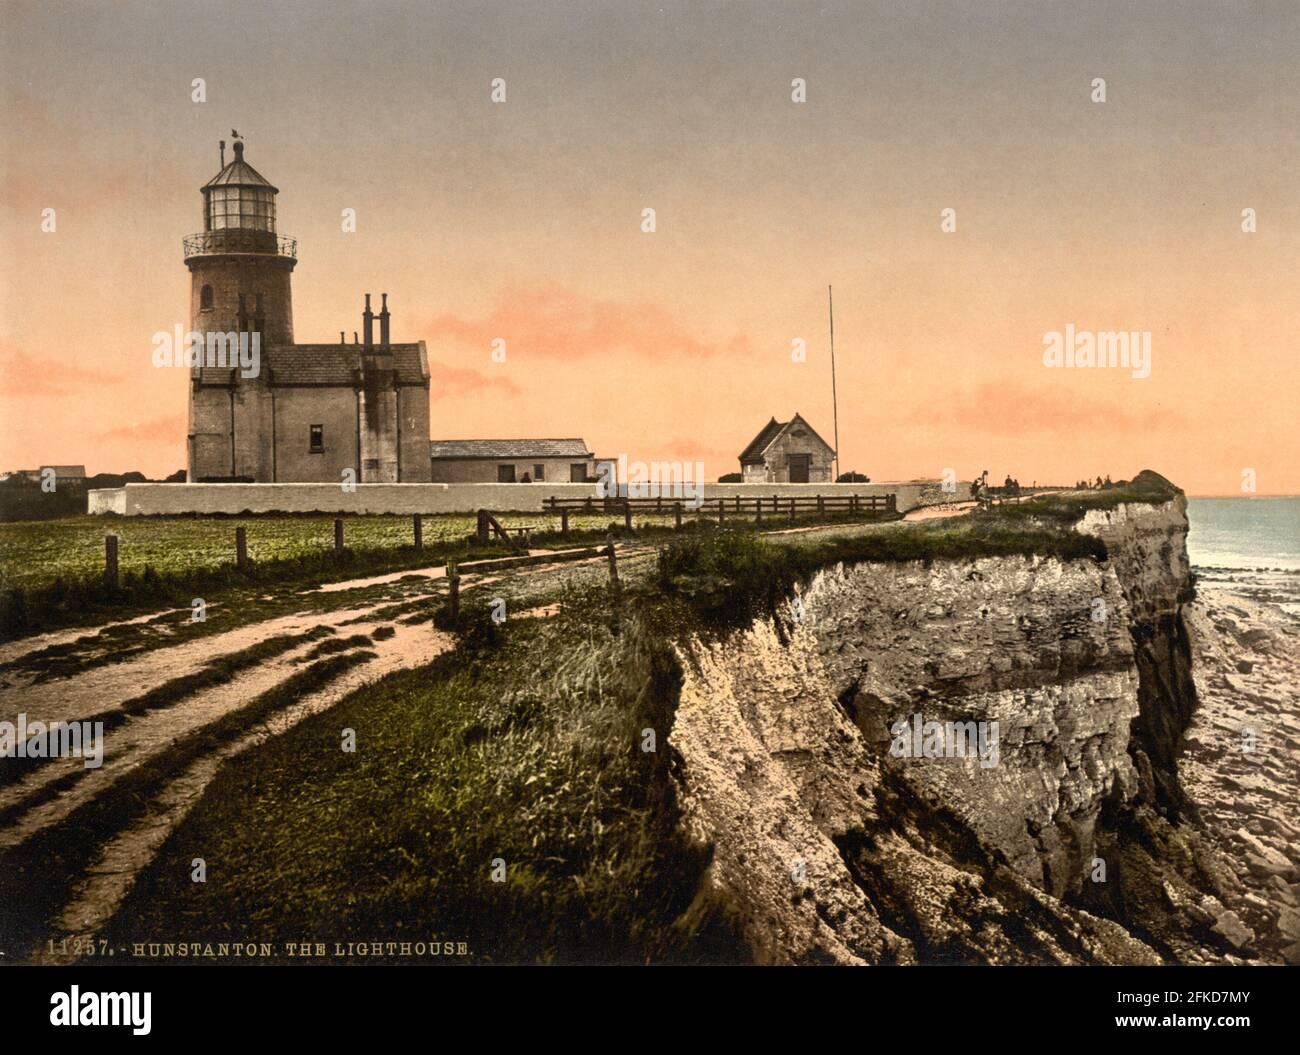 Old Lighthouse, Hunstanton, Norfolk vers 1890-1900 Banque D'Images